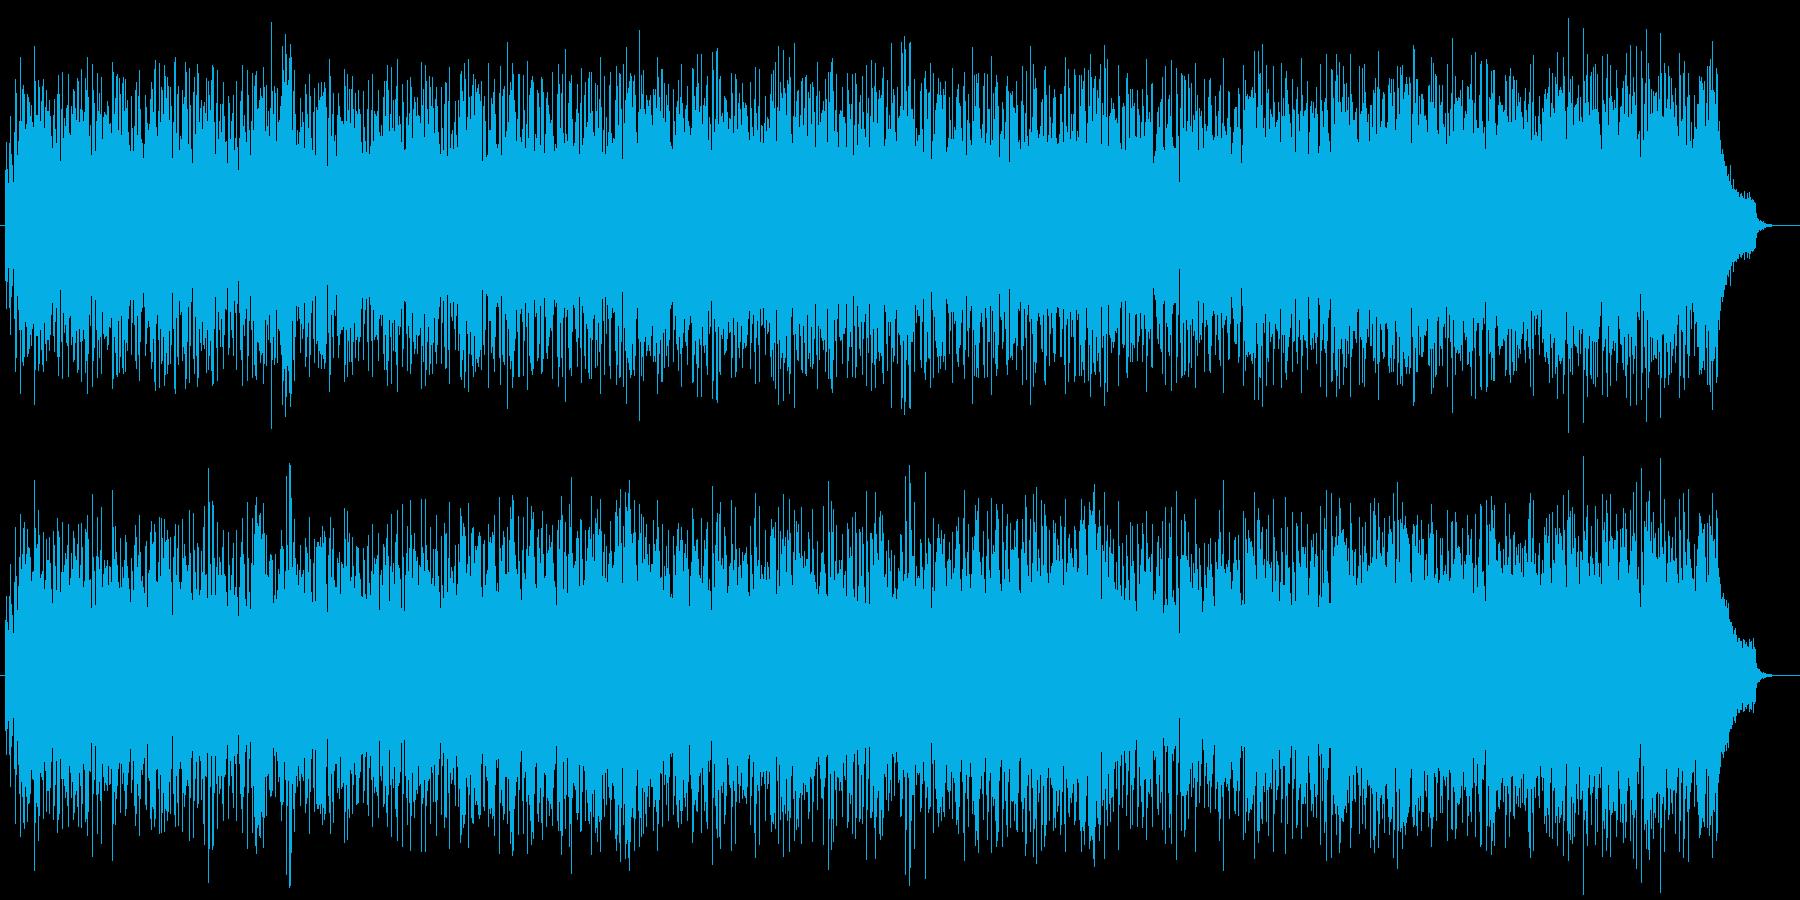 ムーディでリズミカルで優雅なジャズの再生済みの波形